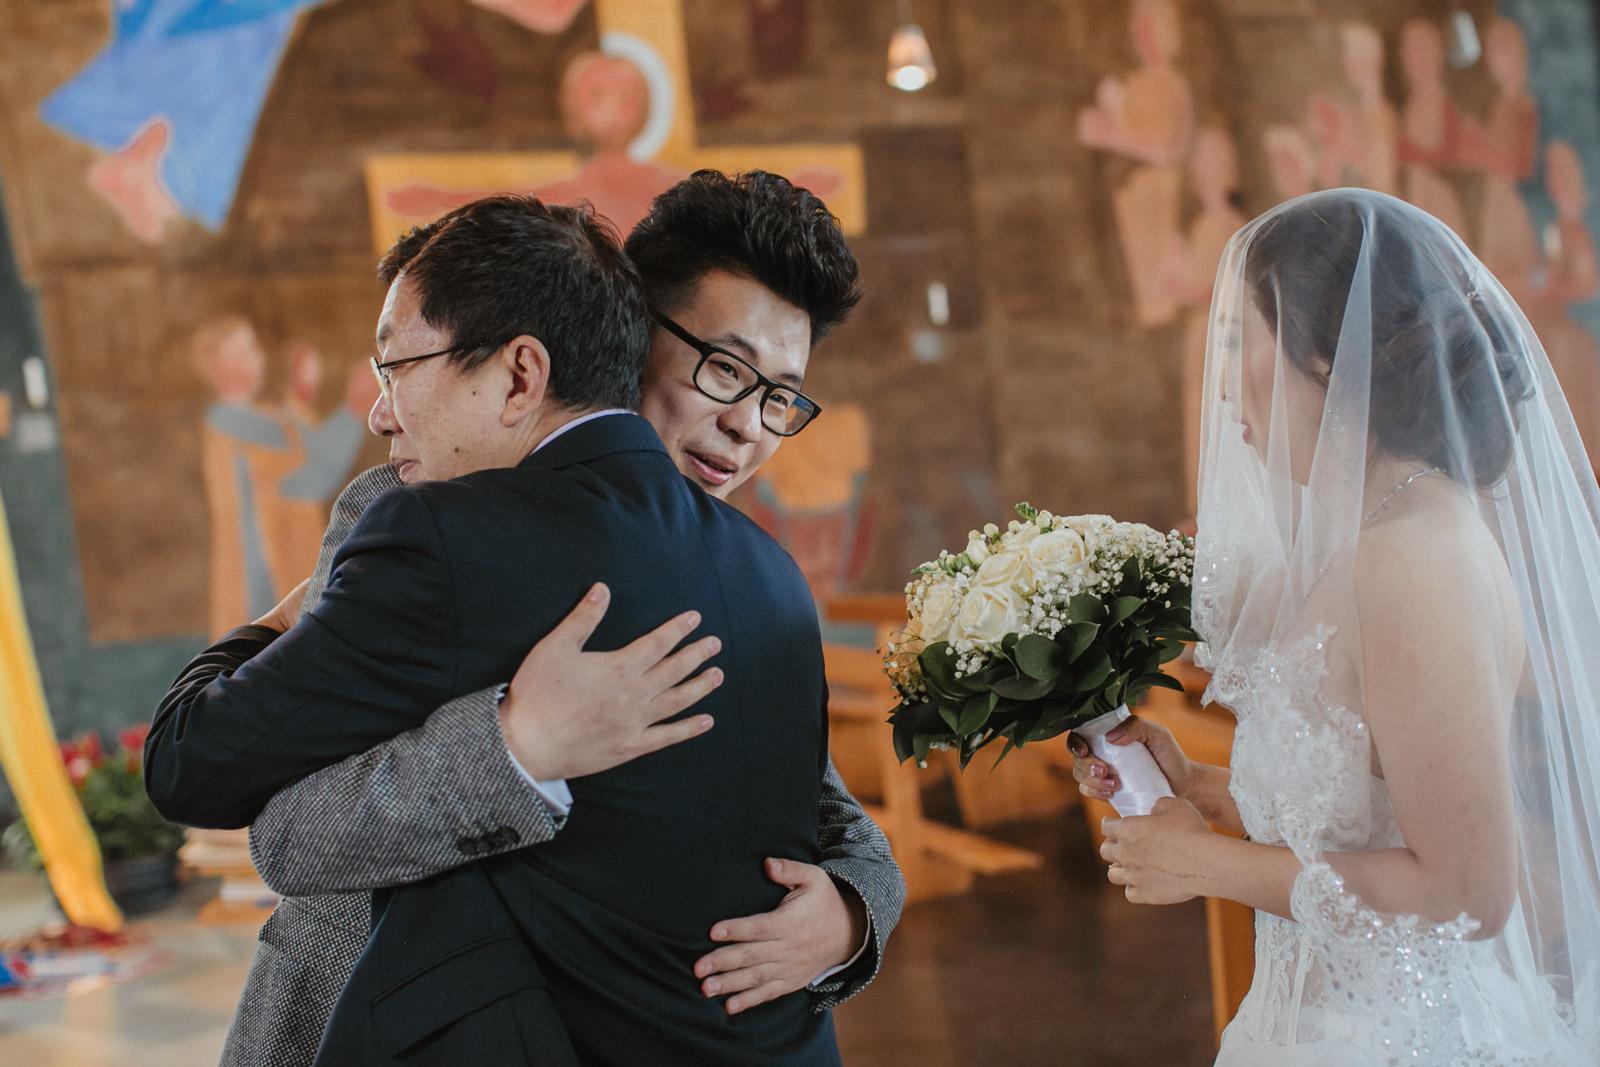 Brautvater übergibt Braut dem zukünftigen Ehemann